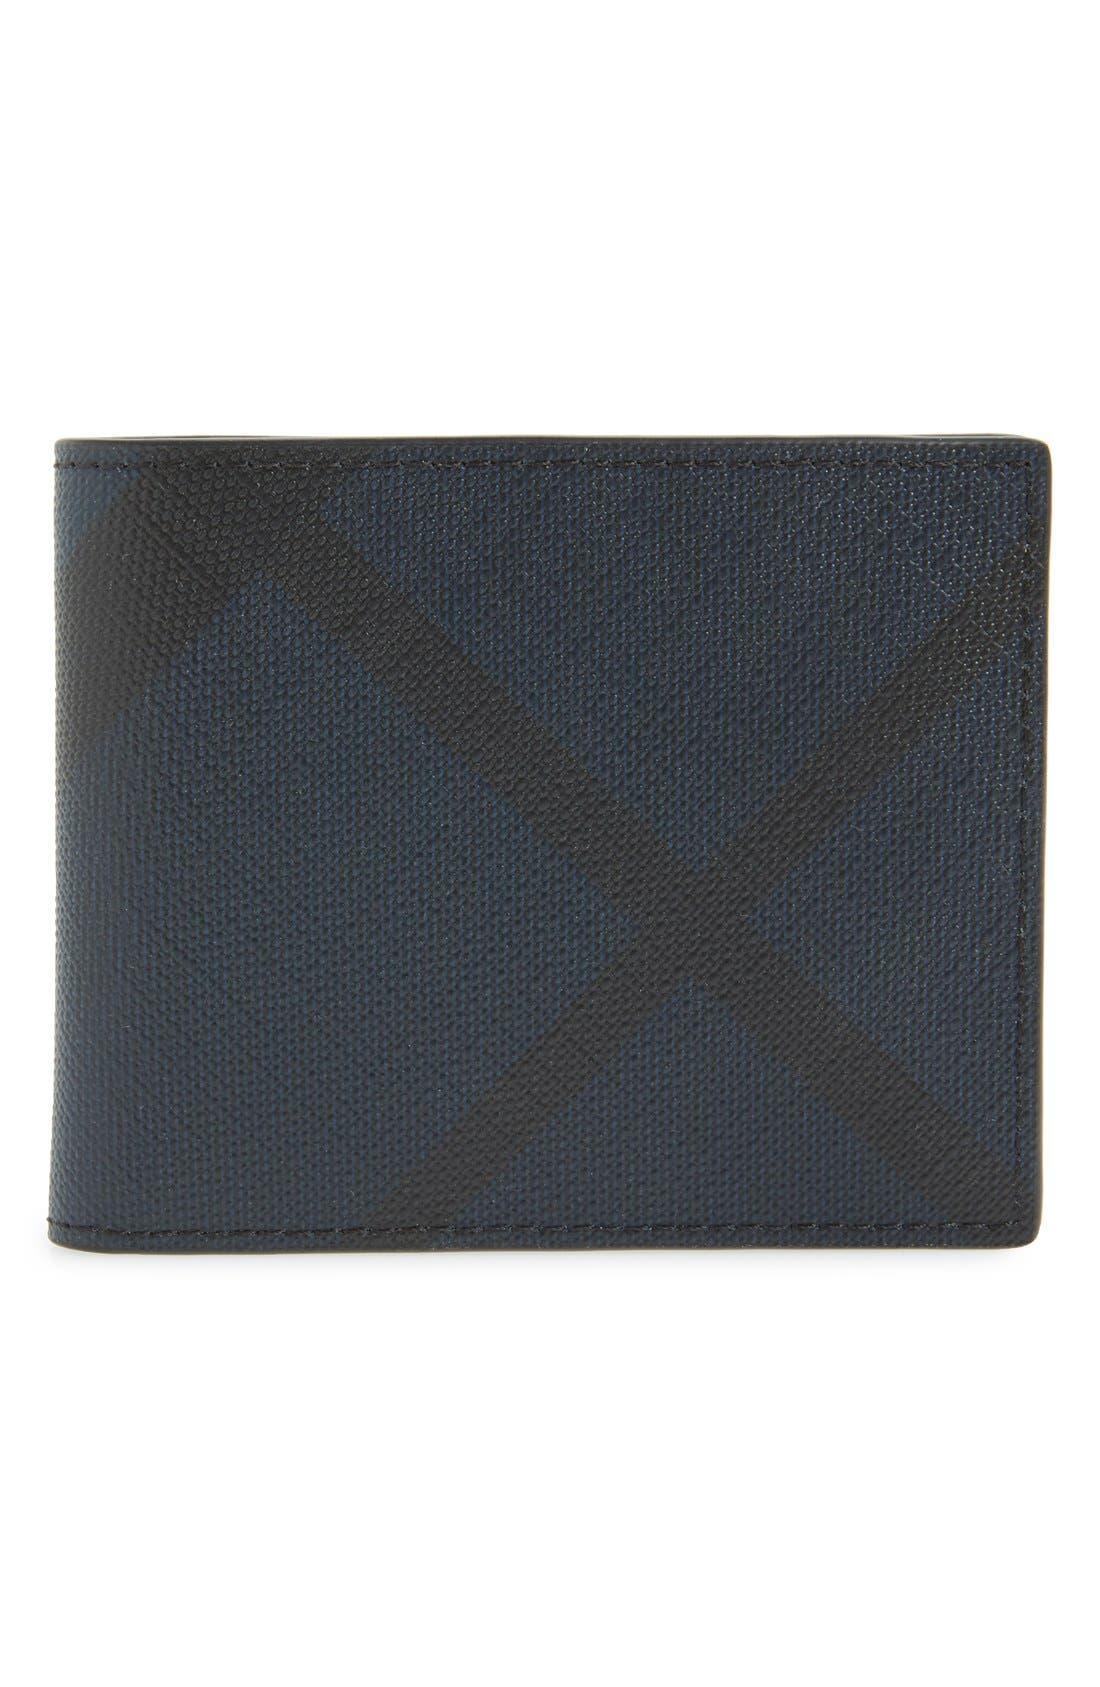 Check Wallet,                             Main thumbnail 1, color,                             410